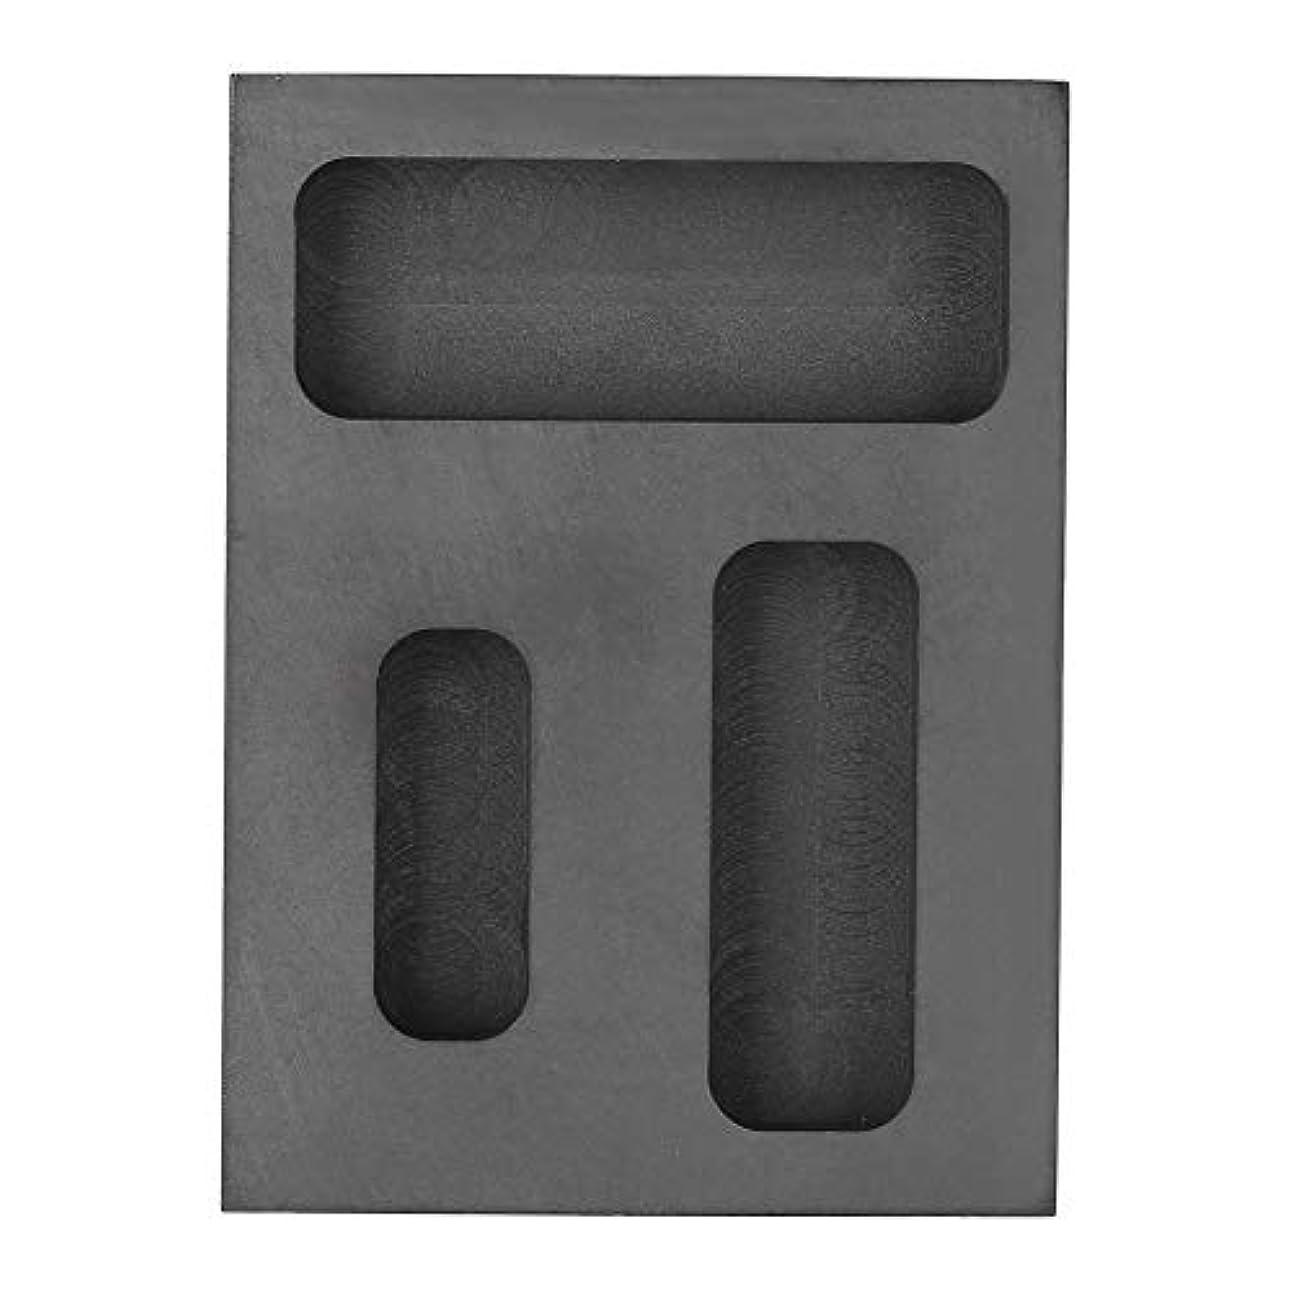 想像力豊かな床形グラファイト溶融金型、グラファイトるつぼインゴットトーチ溶融鋳造精錬スクラップバーコンボ金型用ゴールドシルバーアルミ溶融鋳造精錬金属ジュエリー